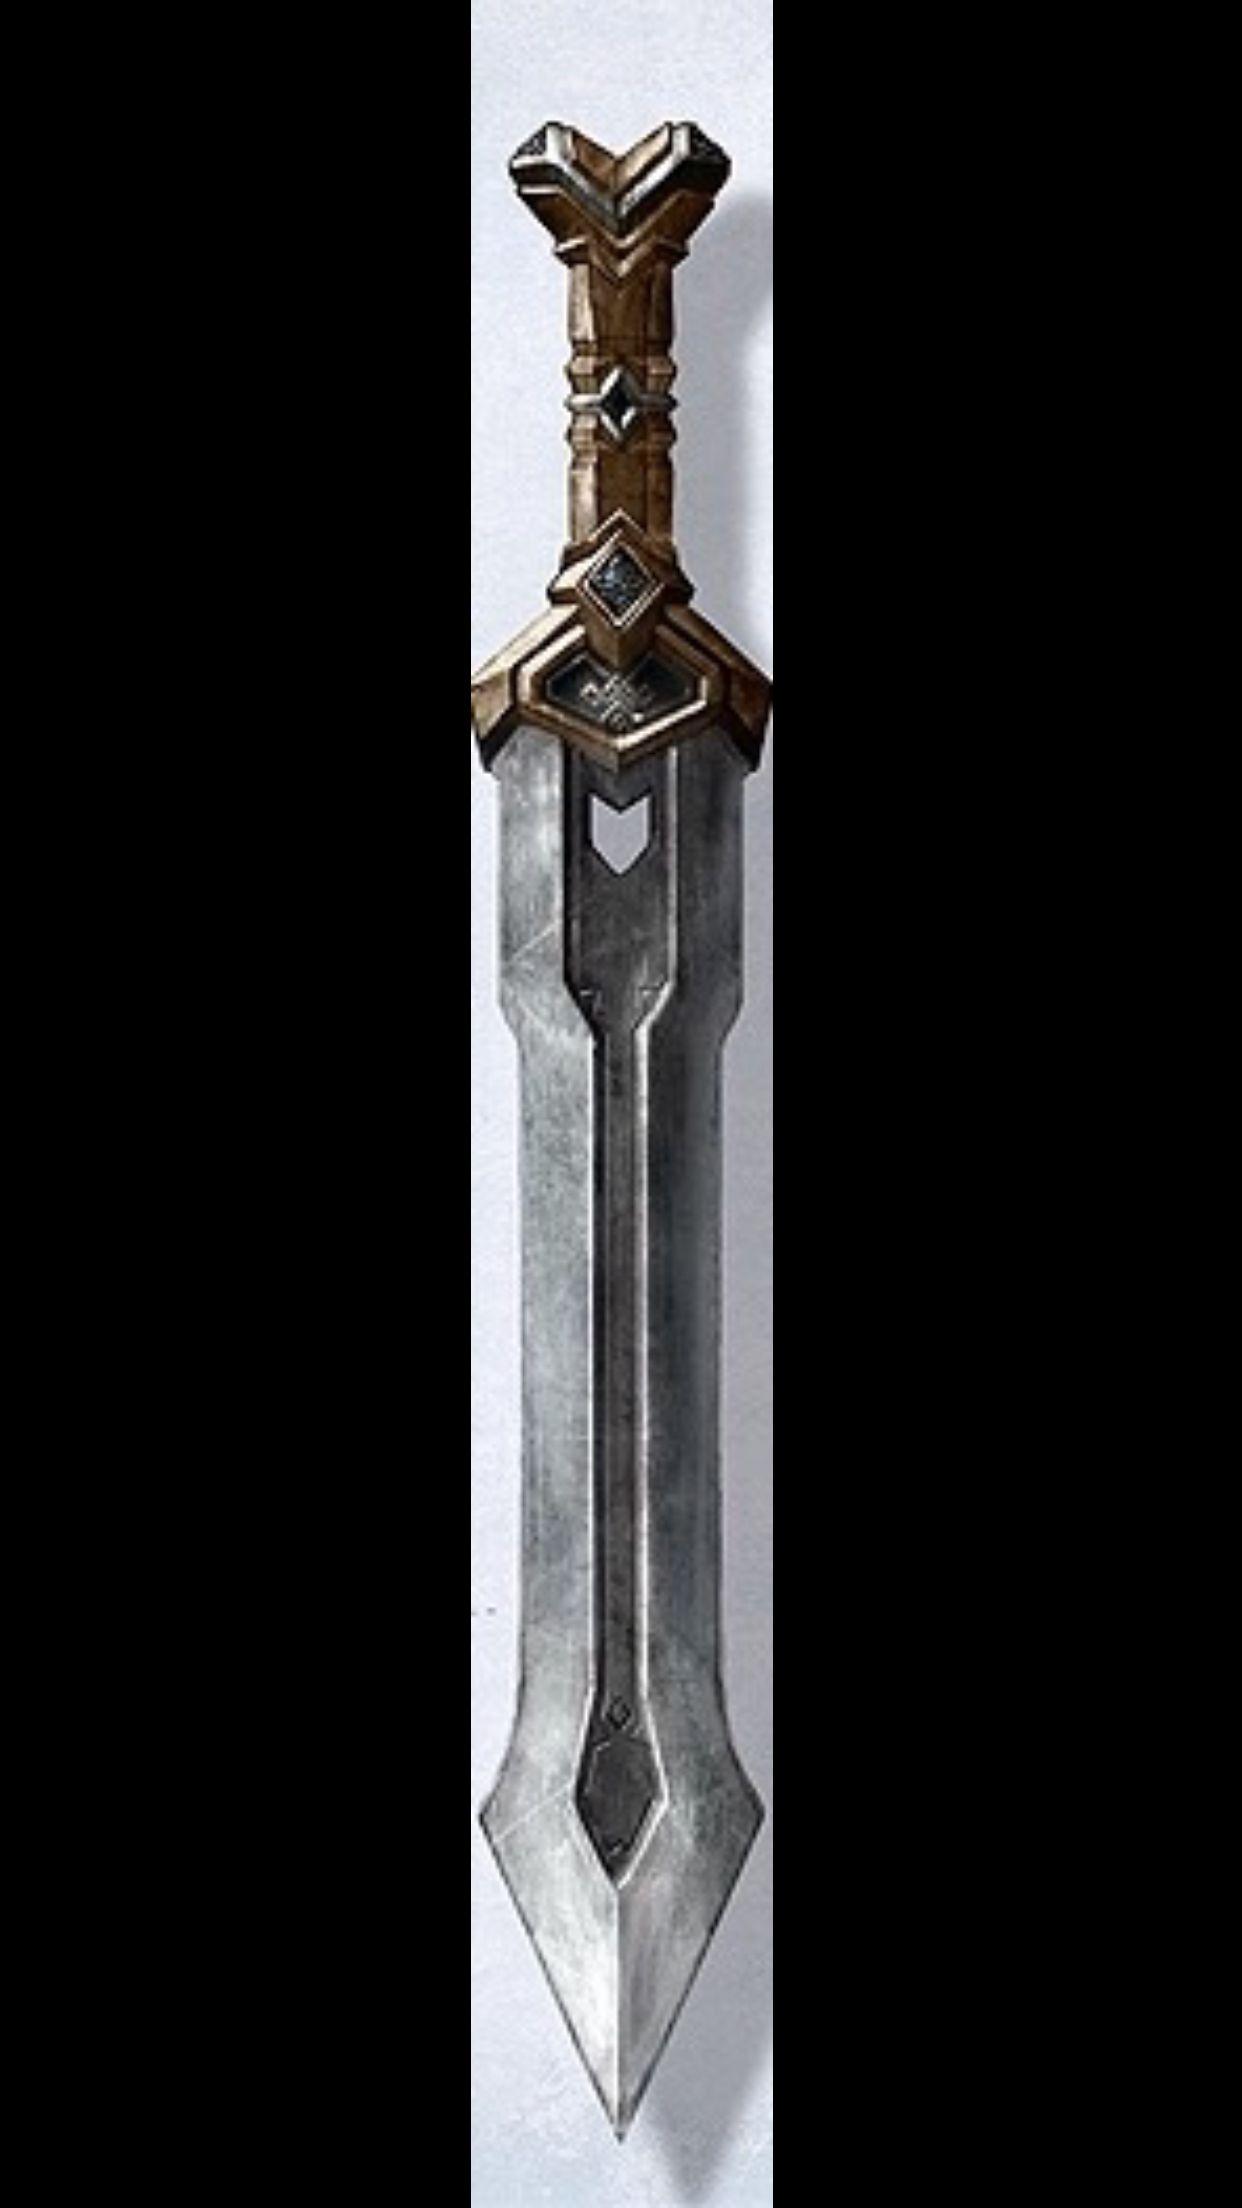 Dwarven Sword Dwarfs Pinterest Sword Hobbit Dwarves And Weapons